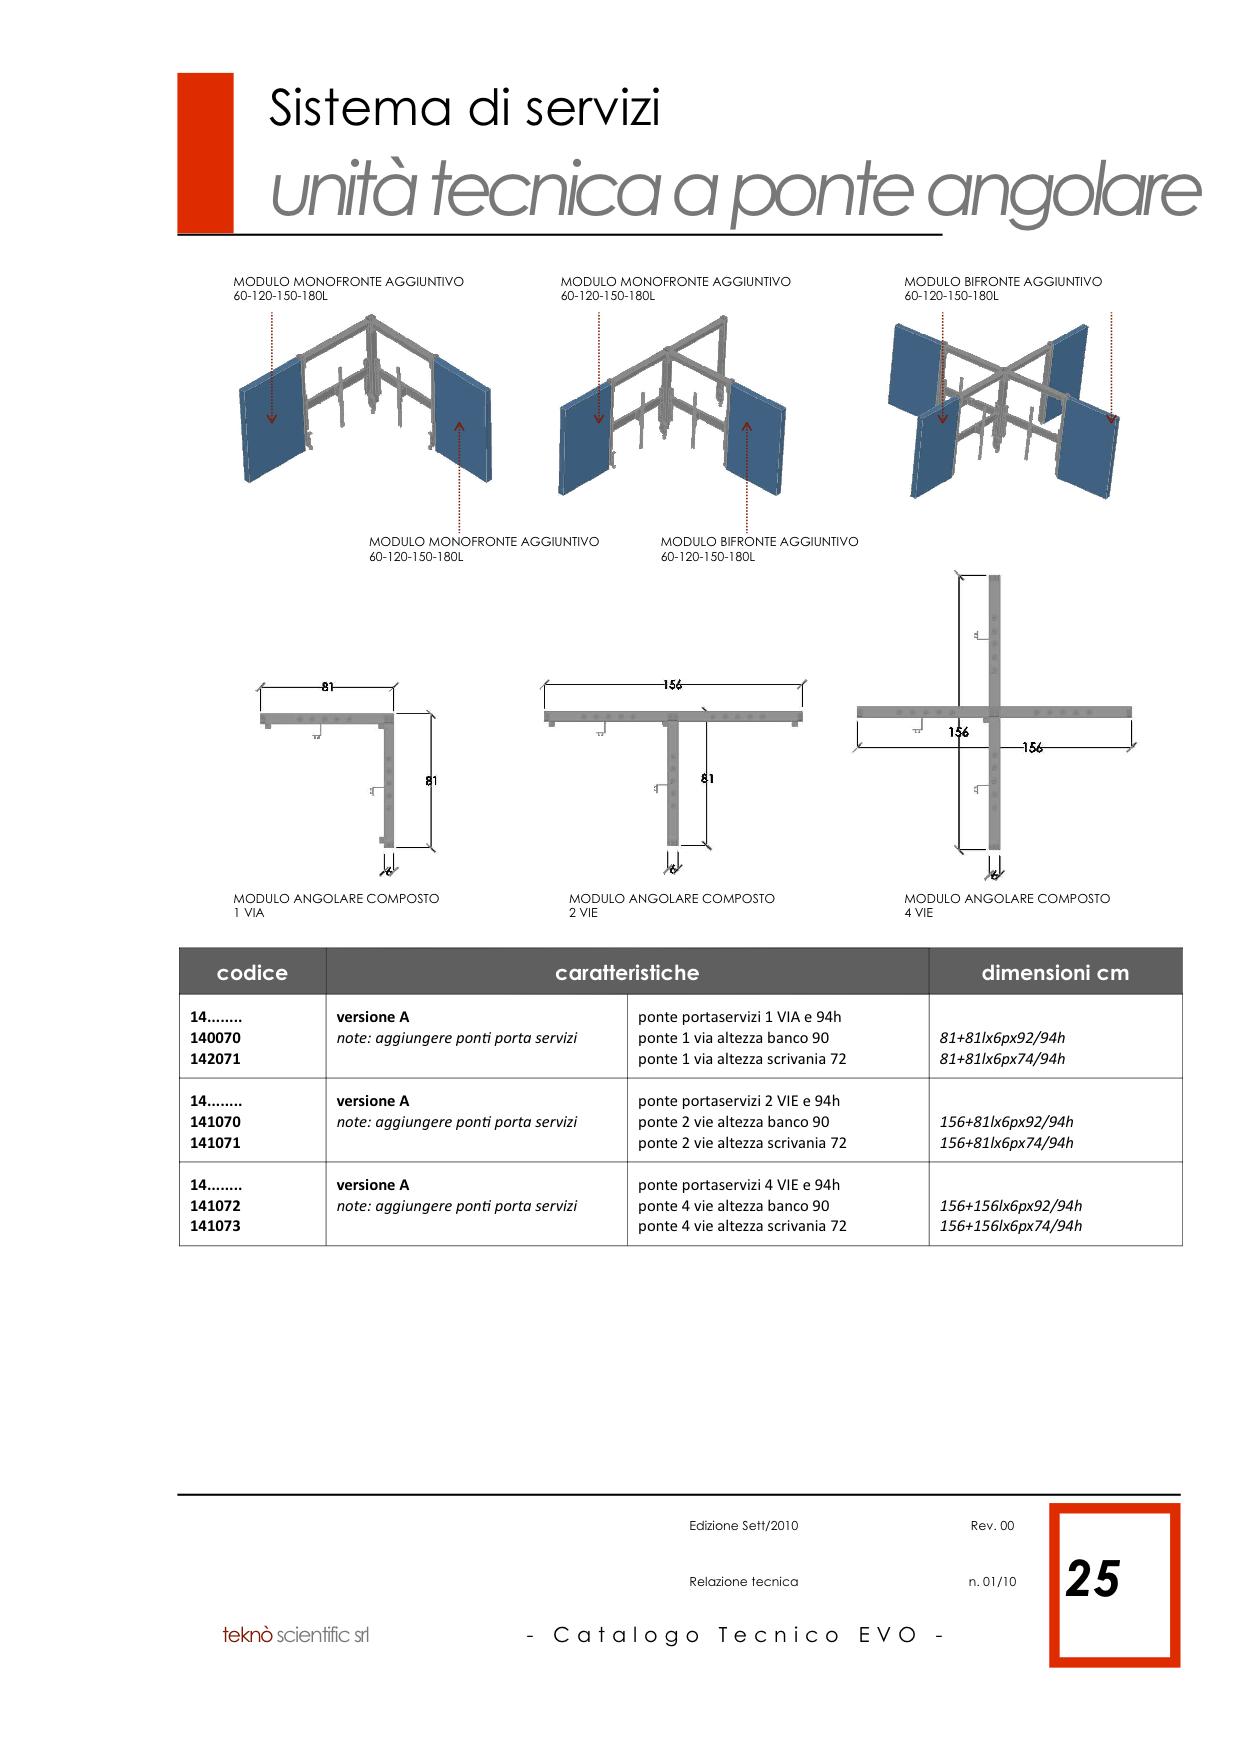 EVO Catalogo Tecnico Generale copia 25.png